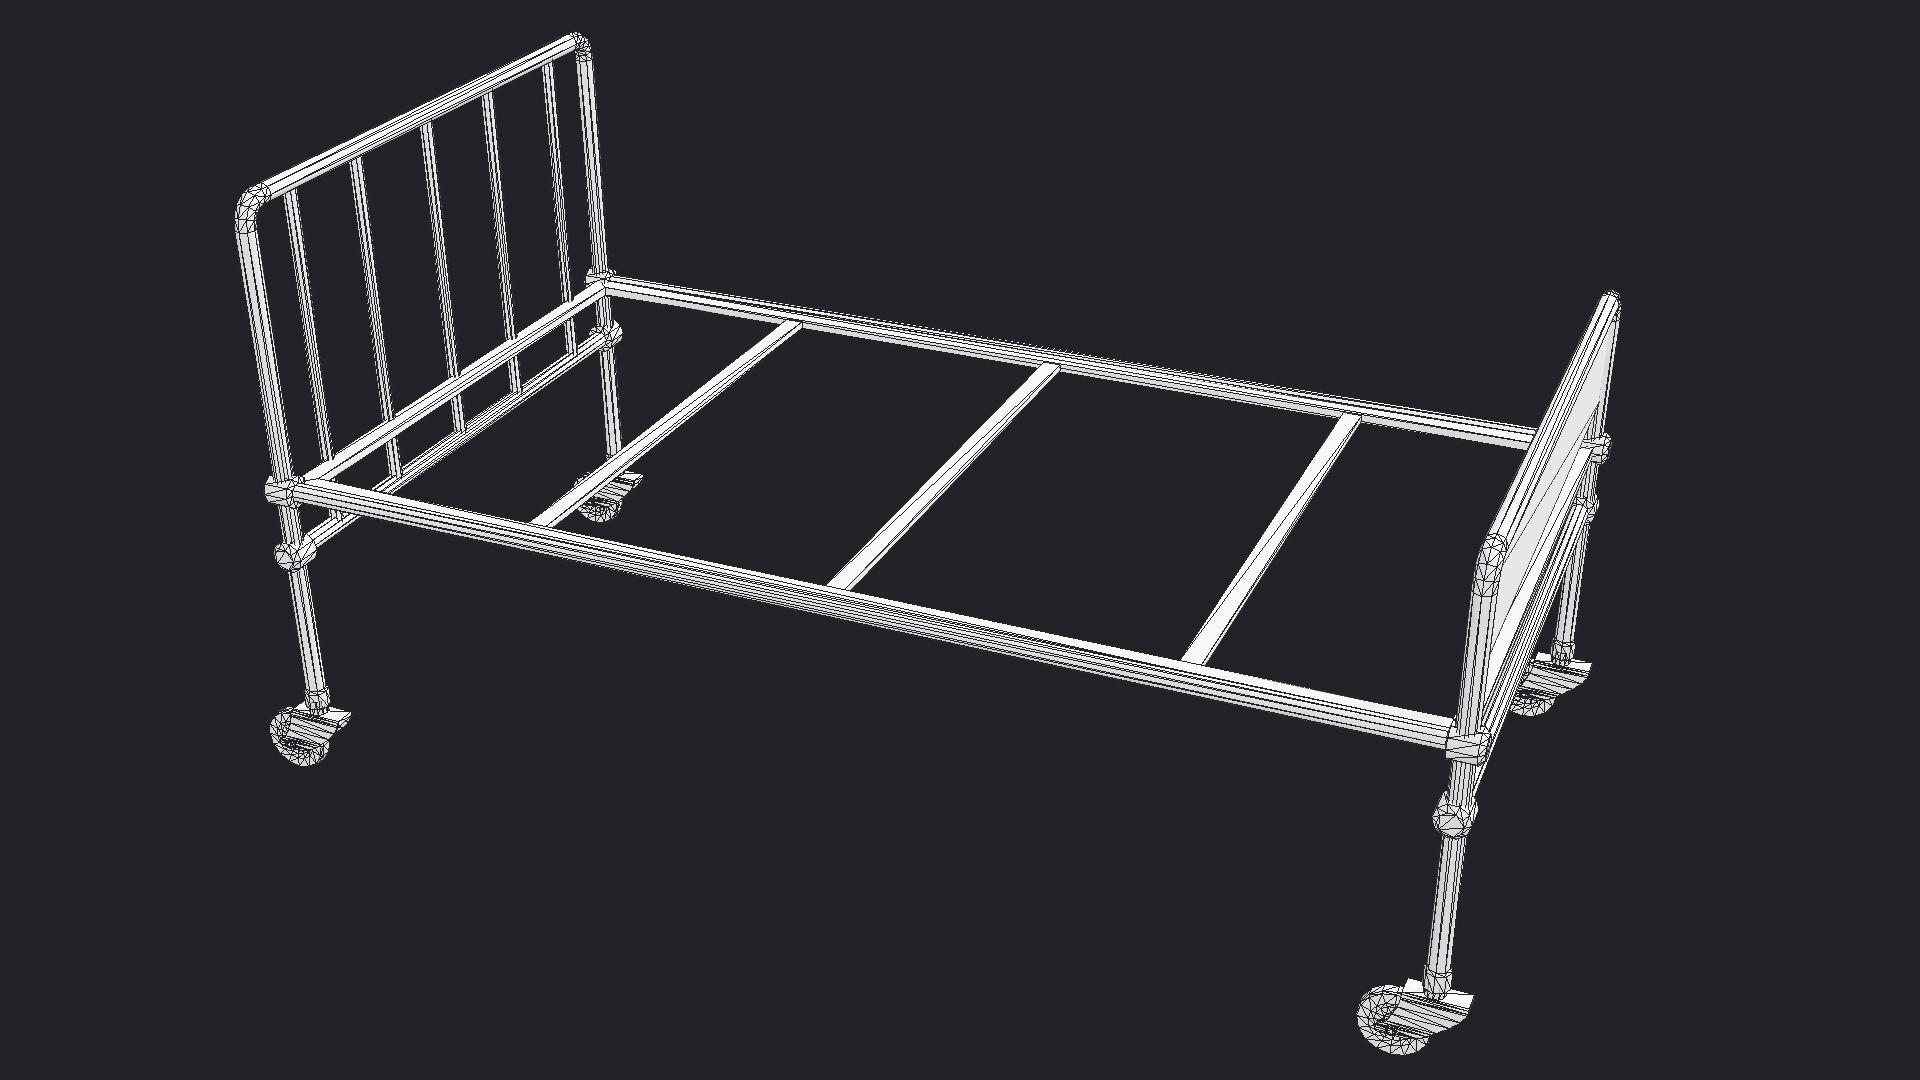 Hospital Bed Hospital furniture, Metal beds, Hospital bed